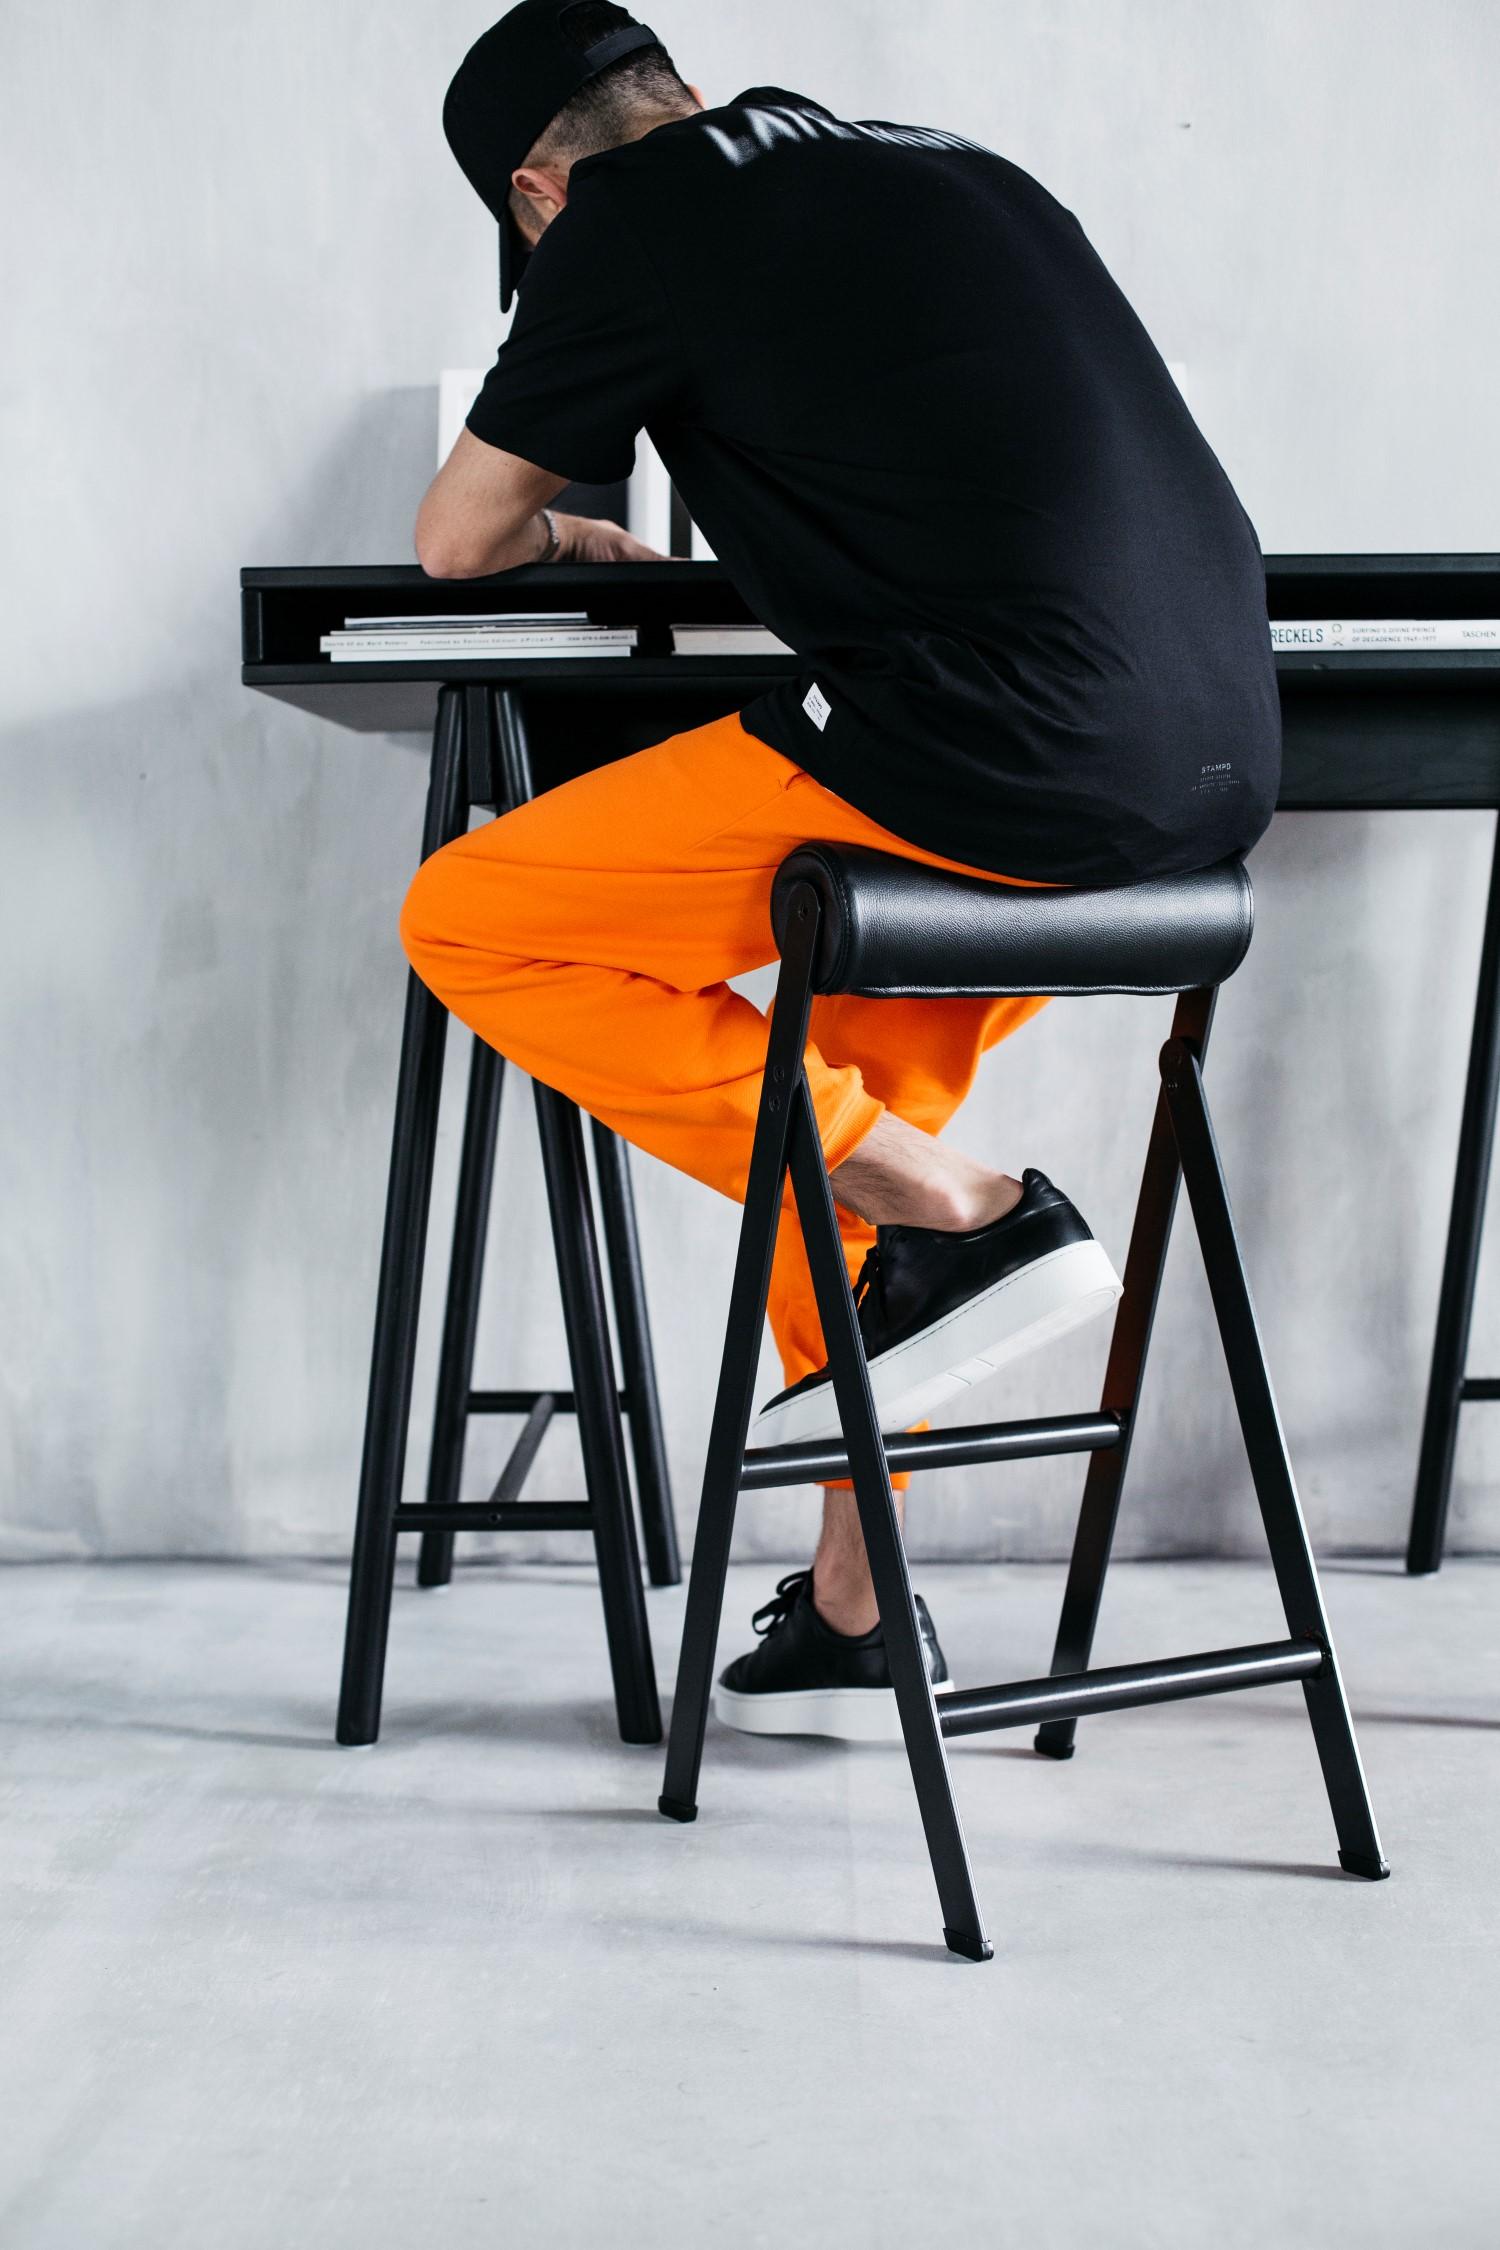 ikea spanst men sitting on the stool